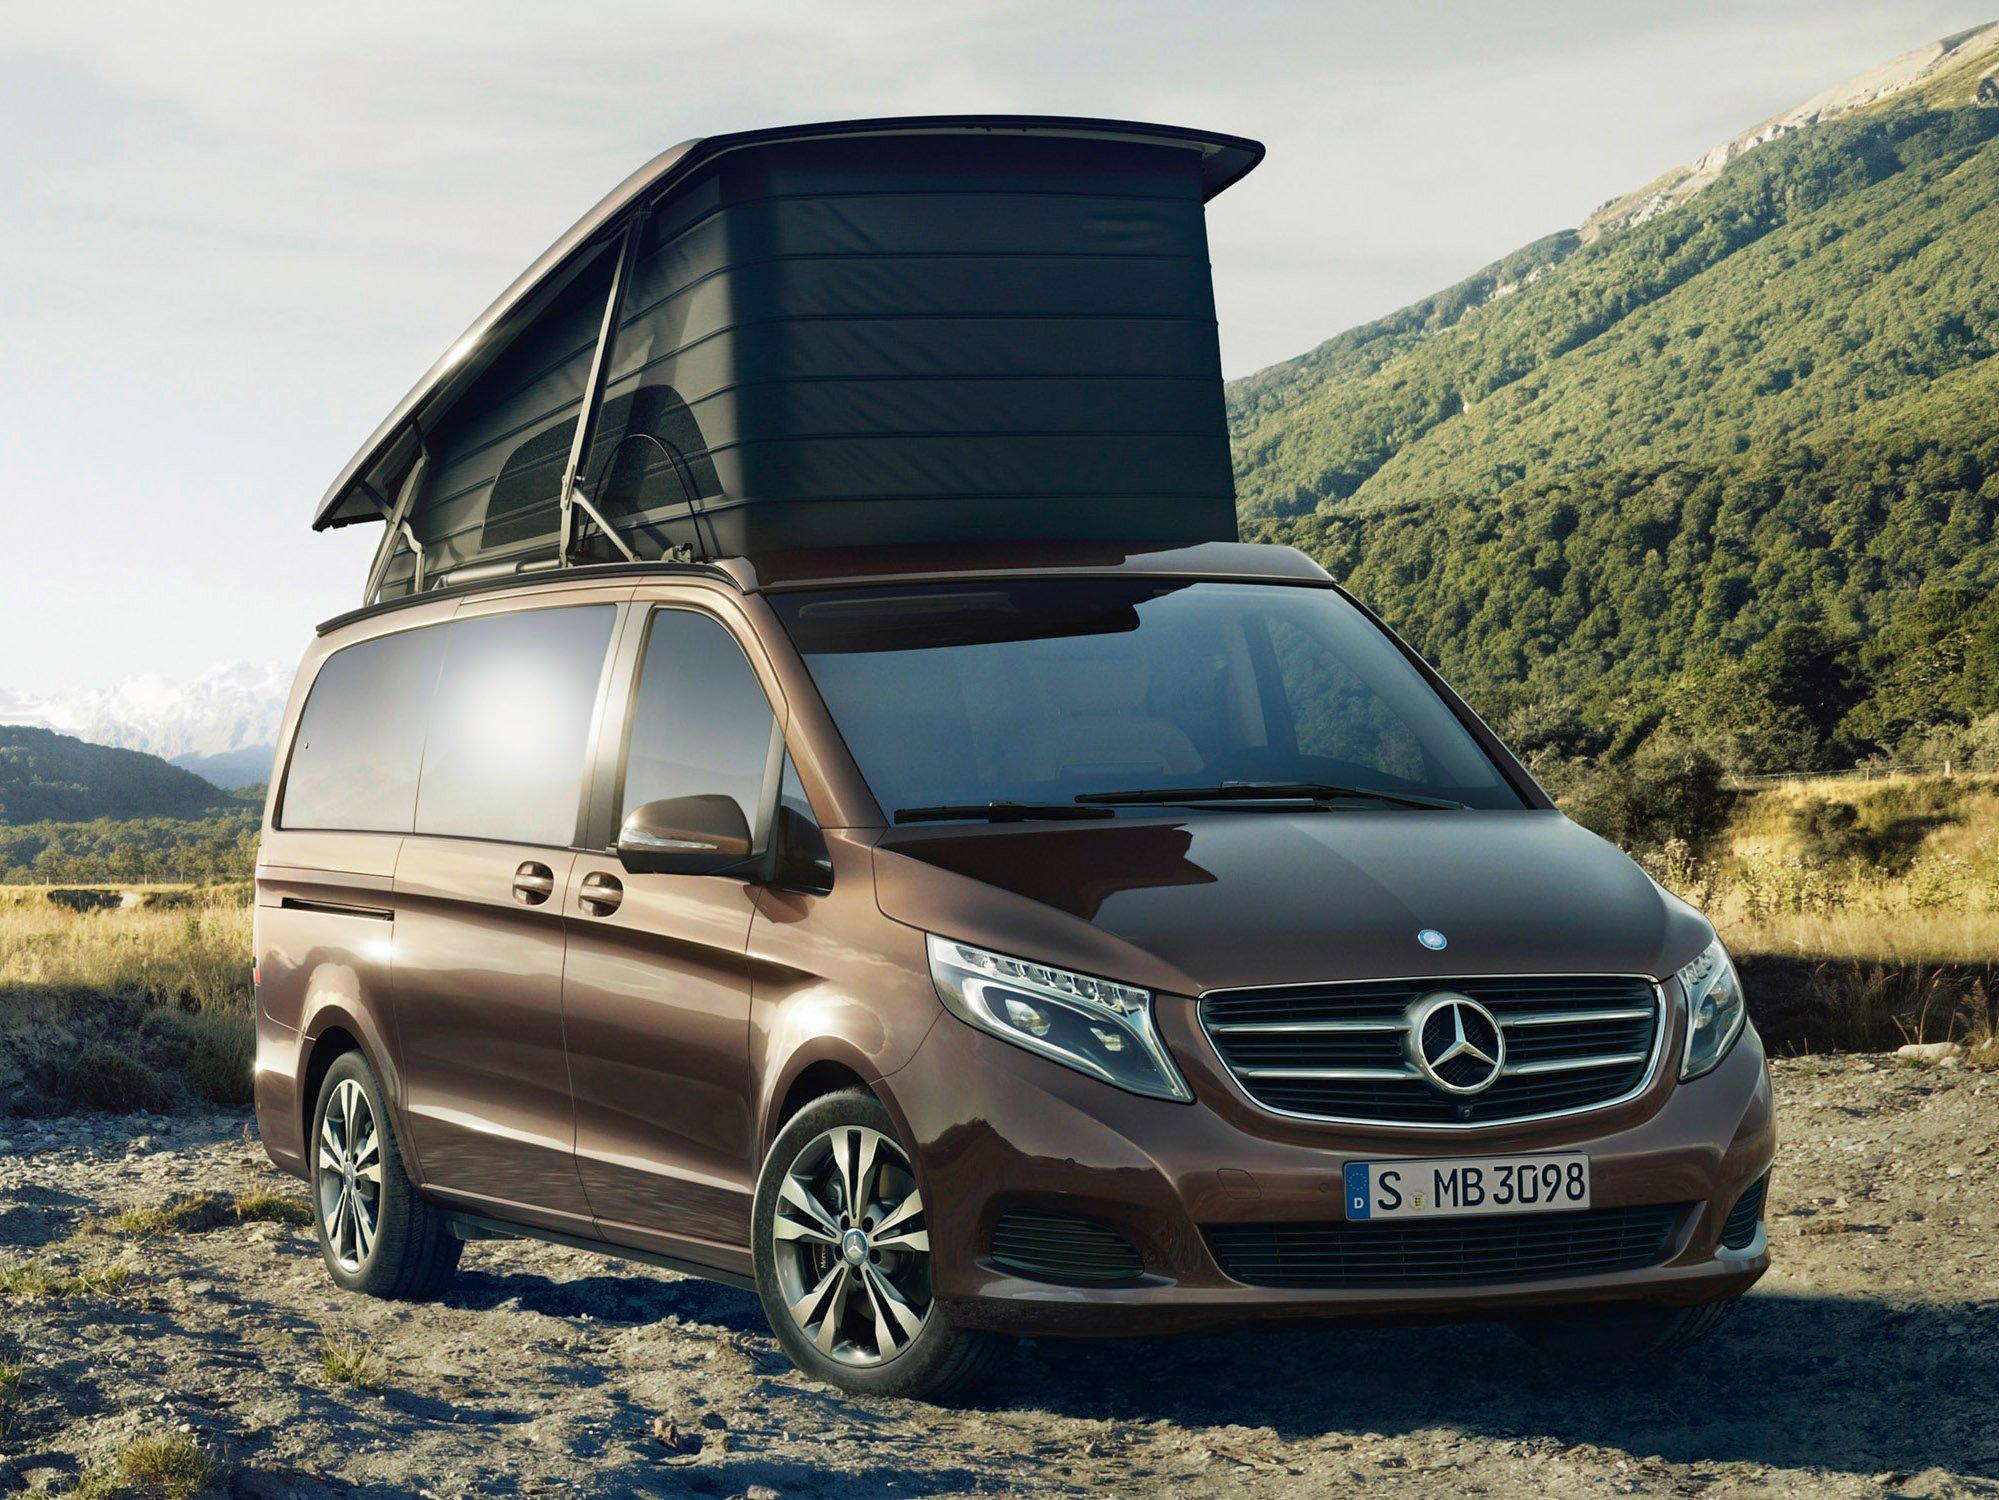 mercedes benz marco polo v class based camper image 258343. Black Bedroom Furniture Sets. Home Design Ideas